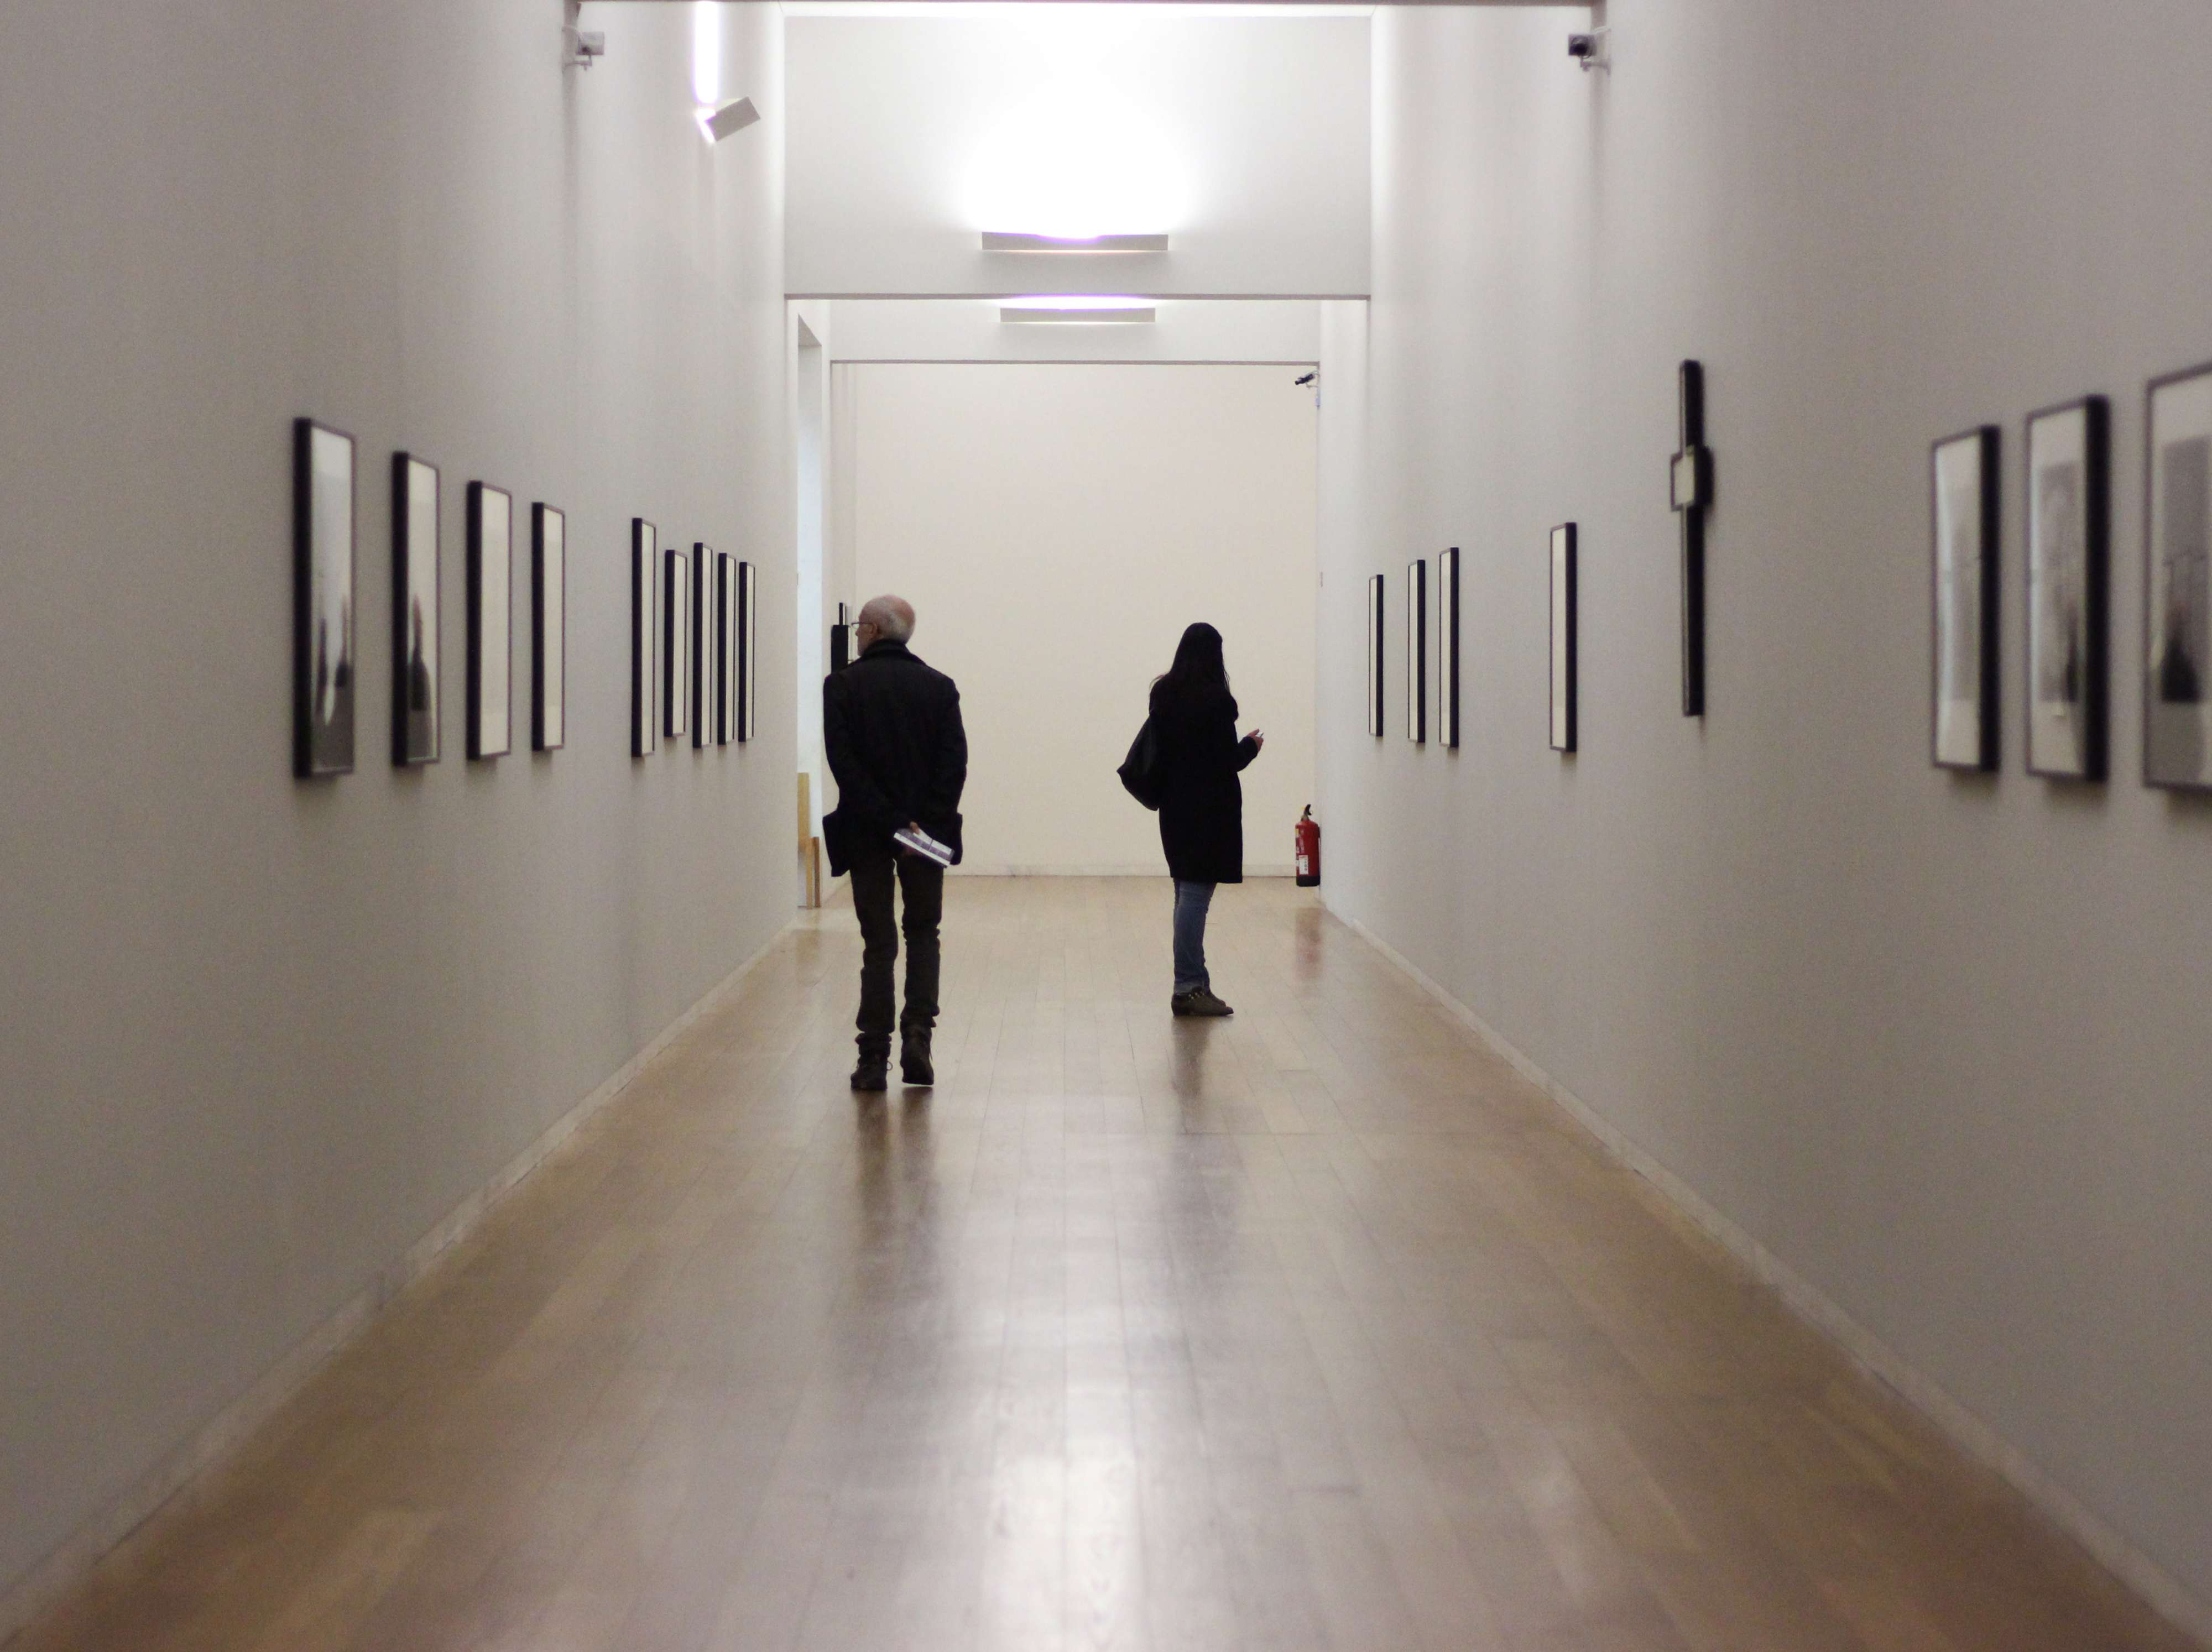 Exposição de Robert Mapplethorpe no Museu de Serralves. Fotografia por Joana Jacques.